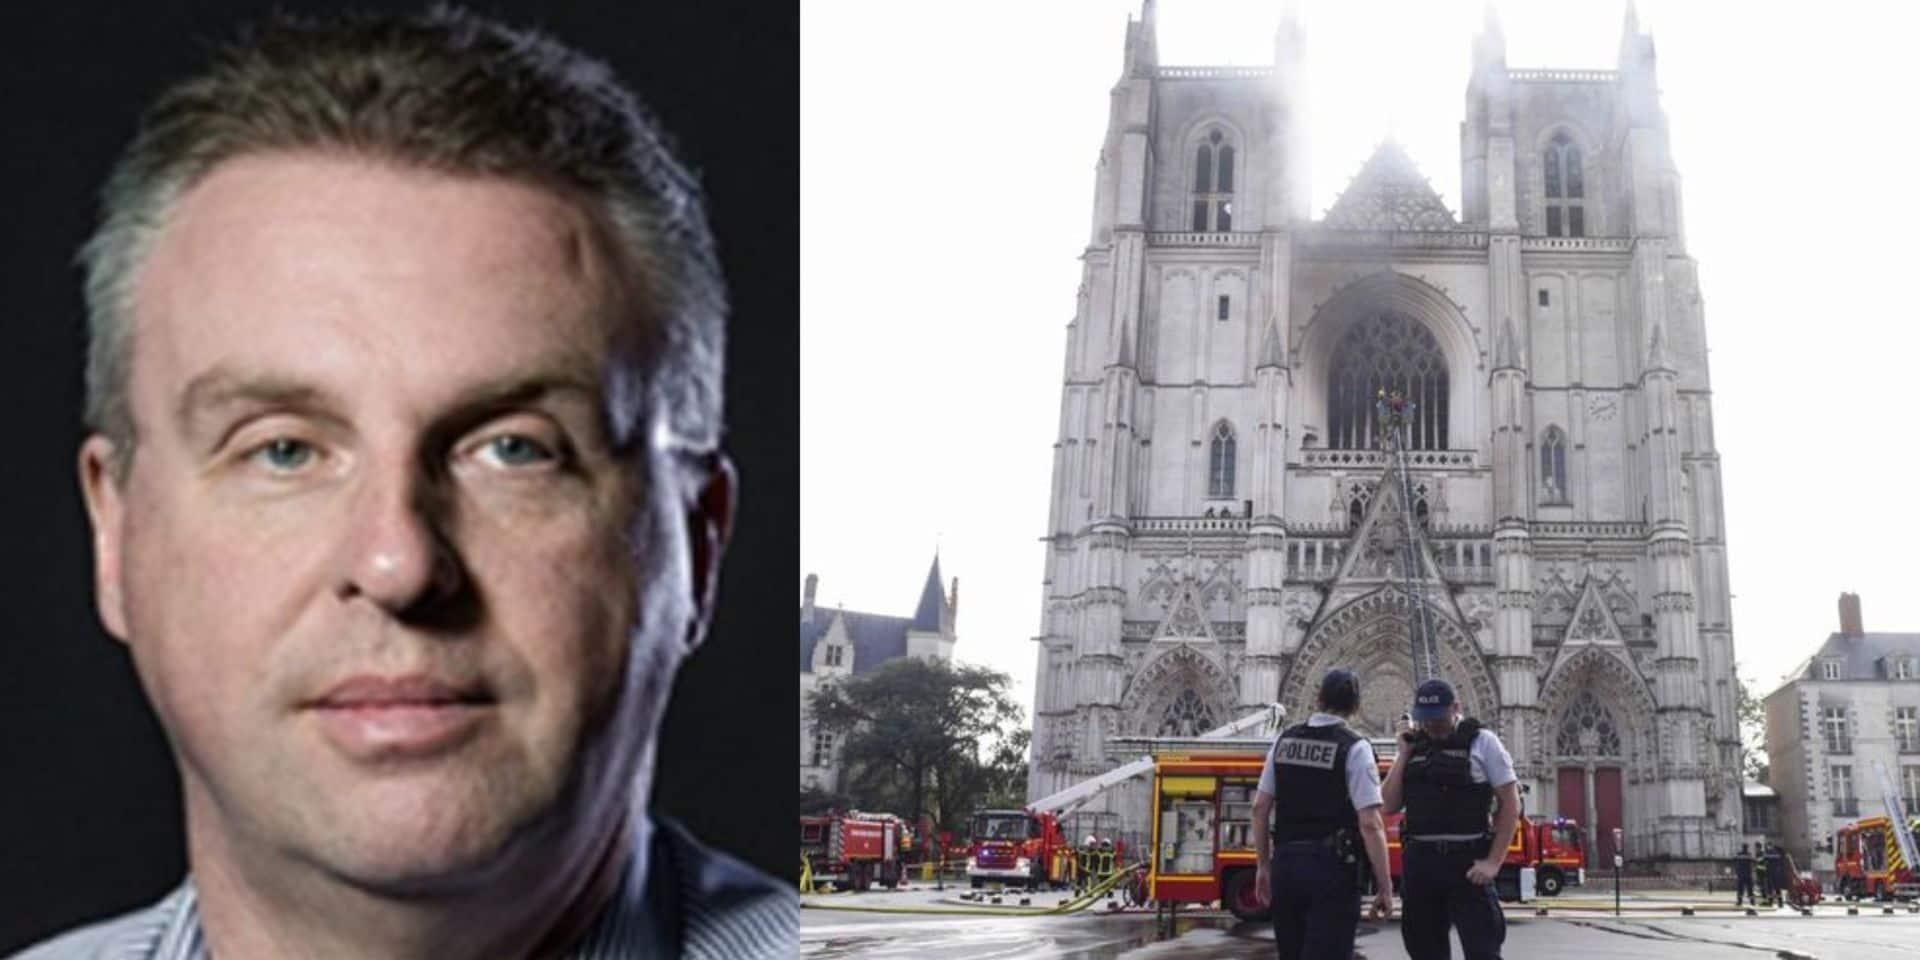 Incendie de la cathédrale de Nantes: le patrimoine chrétien attaqué